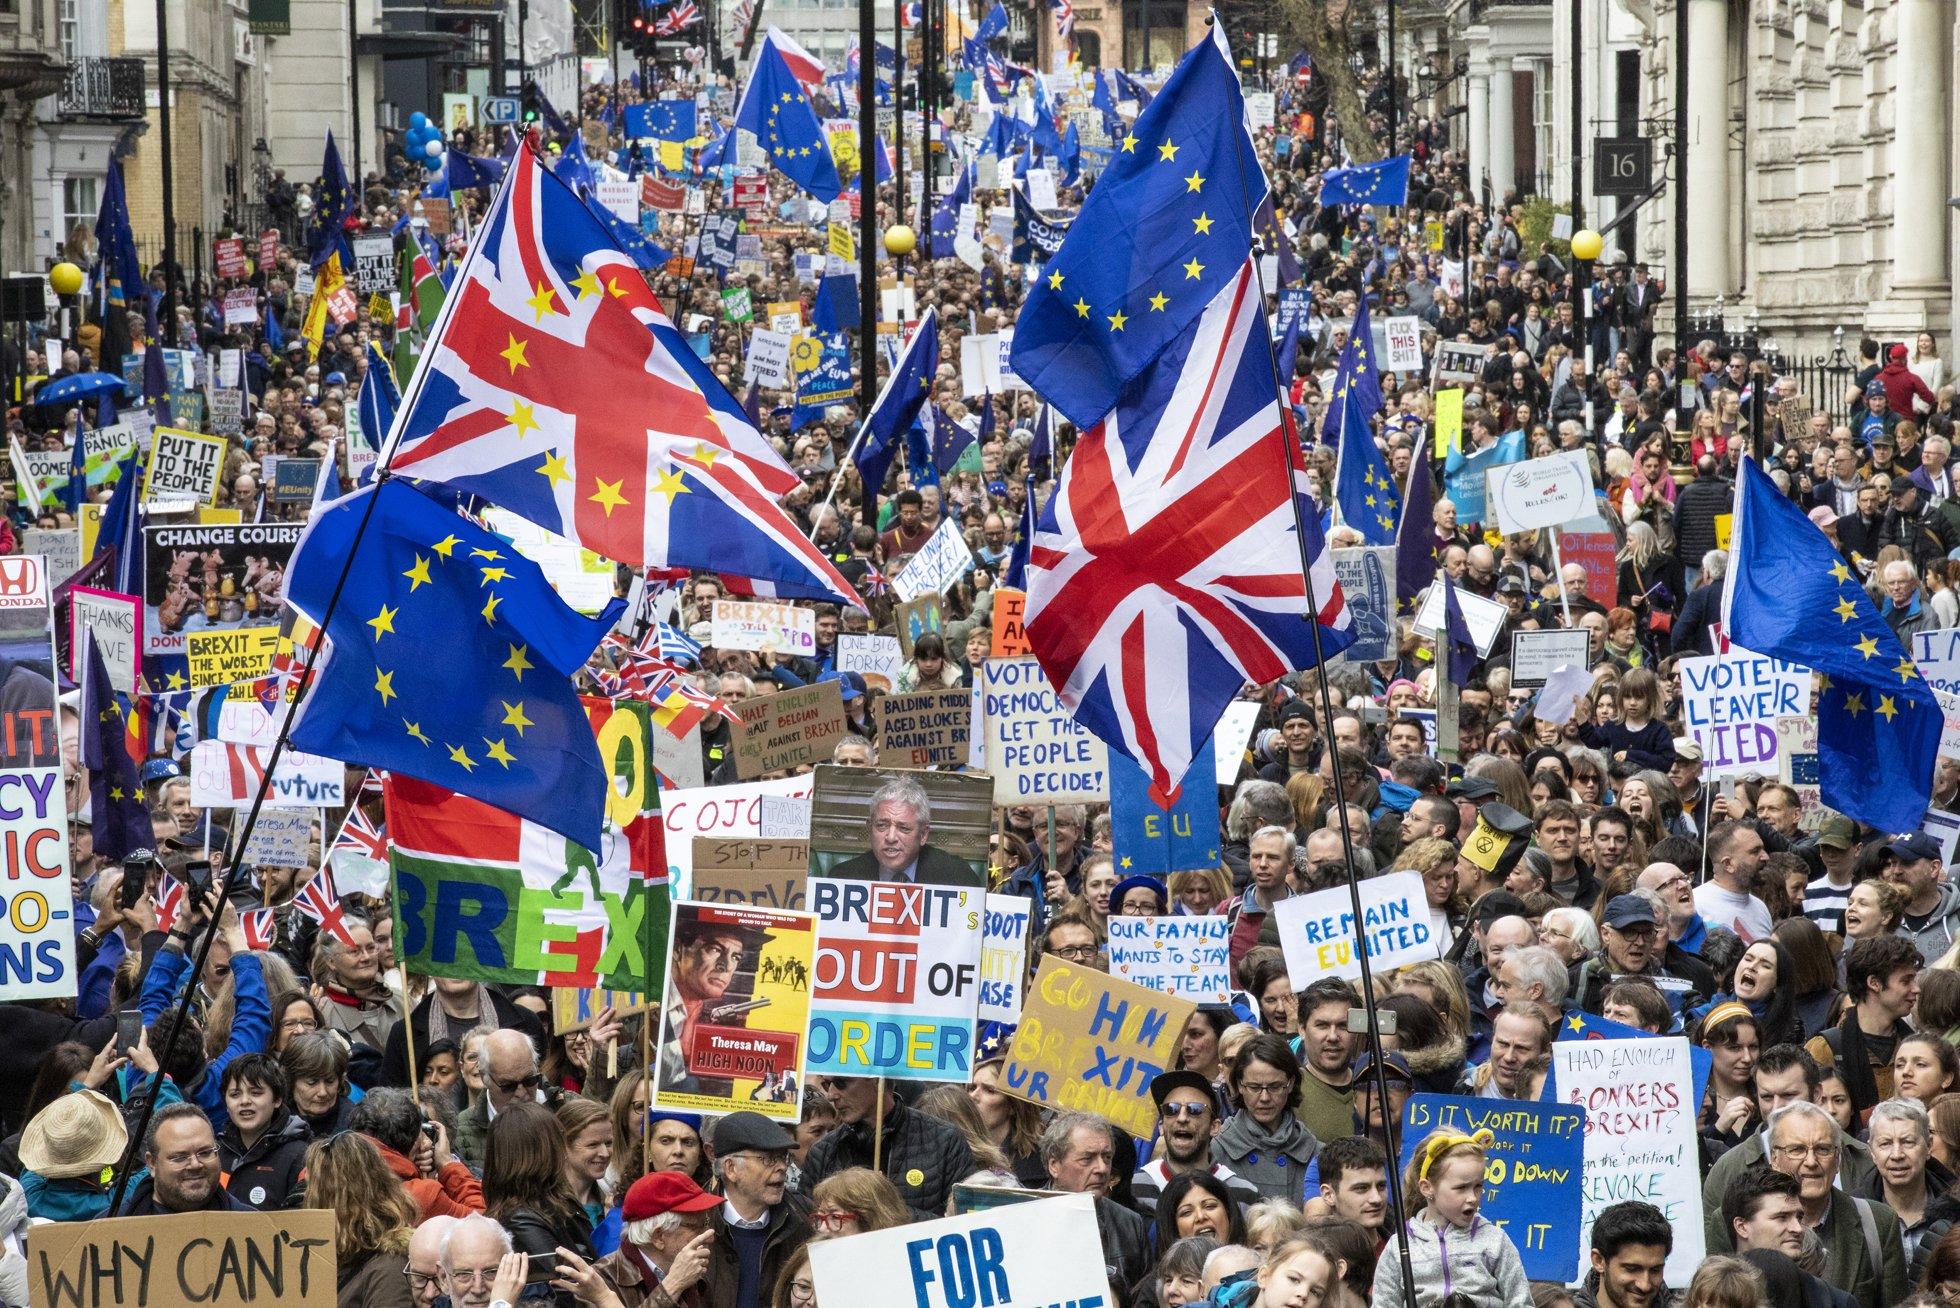 Десятки тысяч противников «Брекзита» устроили вЛондоне шествие стребованием провести новый референдум овыходе Великобритании изЕвросоюза. «Брекзит» должен был произойти 29марта, ноиз-за несогласия парламента Великобритании сусловиями соглашения премьер-министр Тереза Мэй попросила ЕСоботсрочке. Если доконца месяца сделка небудет одобрена, королевство покинет Евросоюз 12апреля без какого-либо переходного периода.